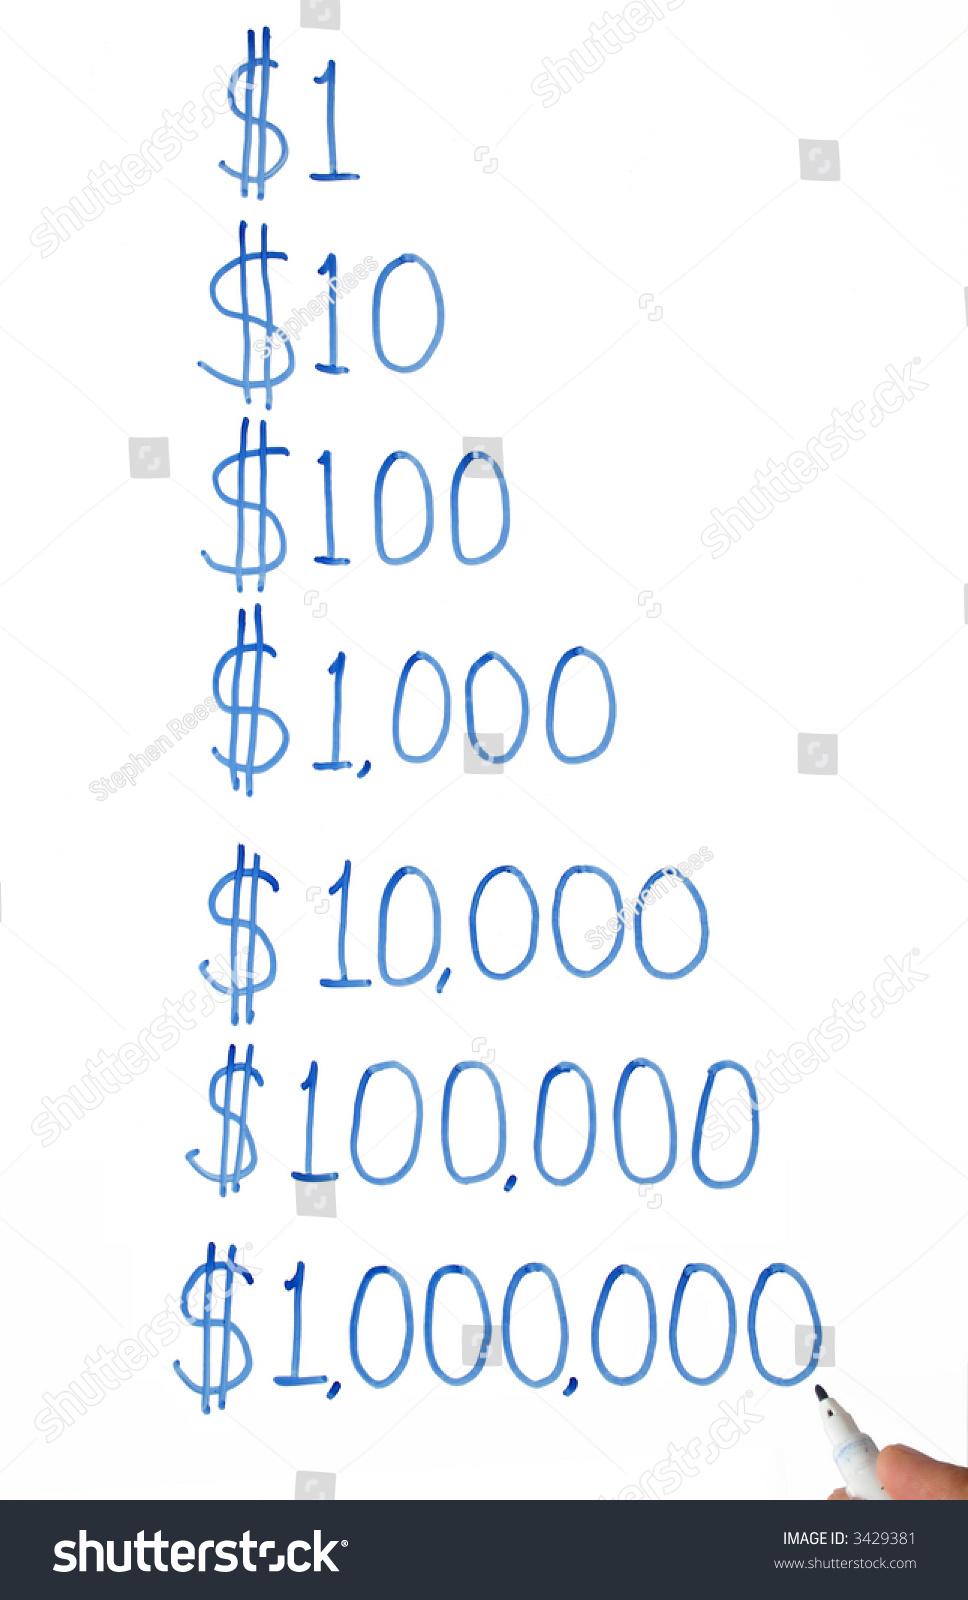 ppt矢量图 美元